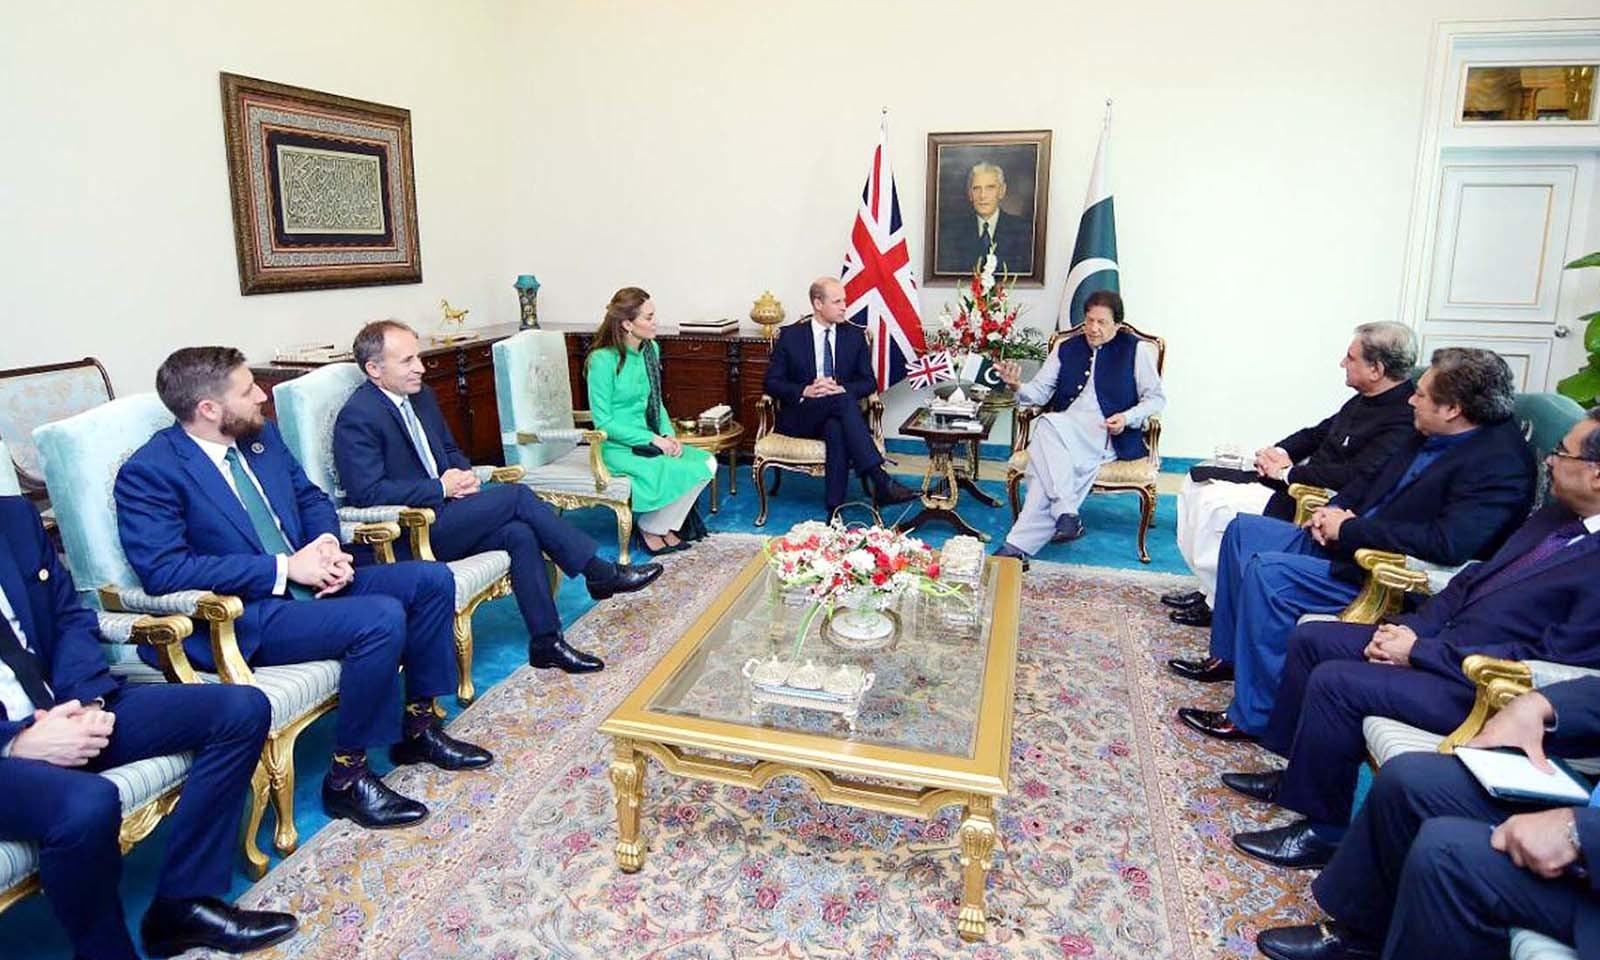 وزیراعظم ہاؤس آمد کے موقع پر شہزادہ ولیم نے عمران خان کی جانب سے دیے گئے ظہرانے میں بھی شرکت کی۔ — فوٹو: اے پی پی